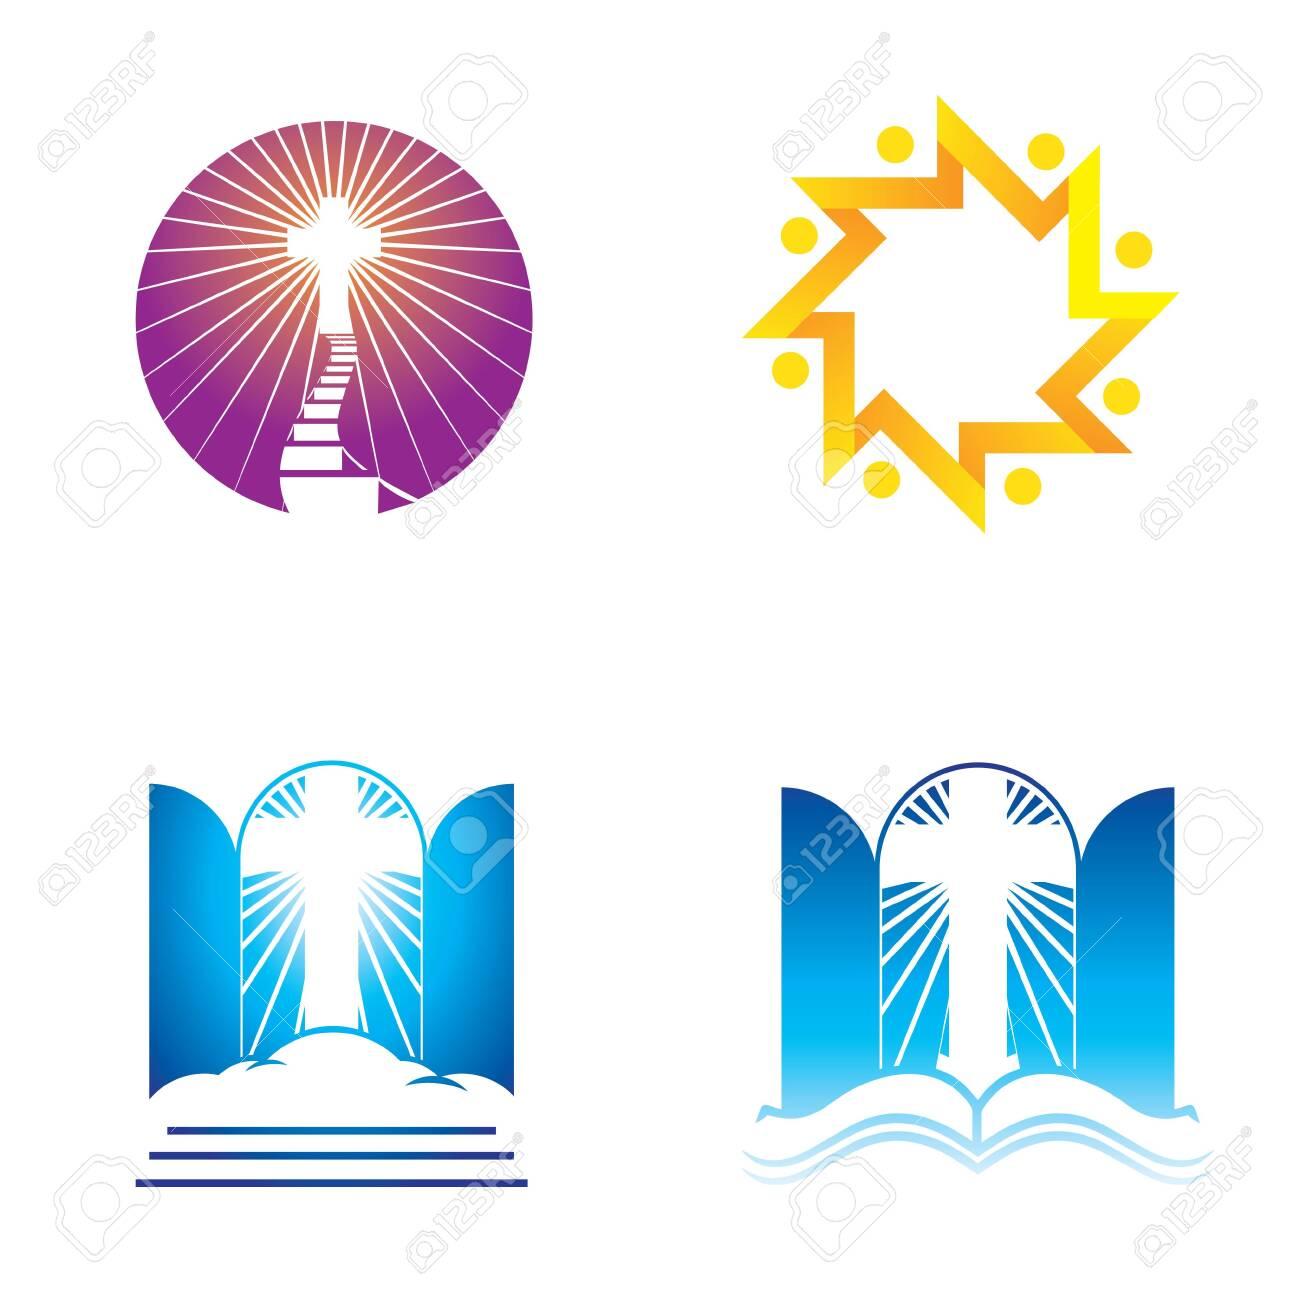 Church, Religion and Faith icons - 130156941